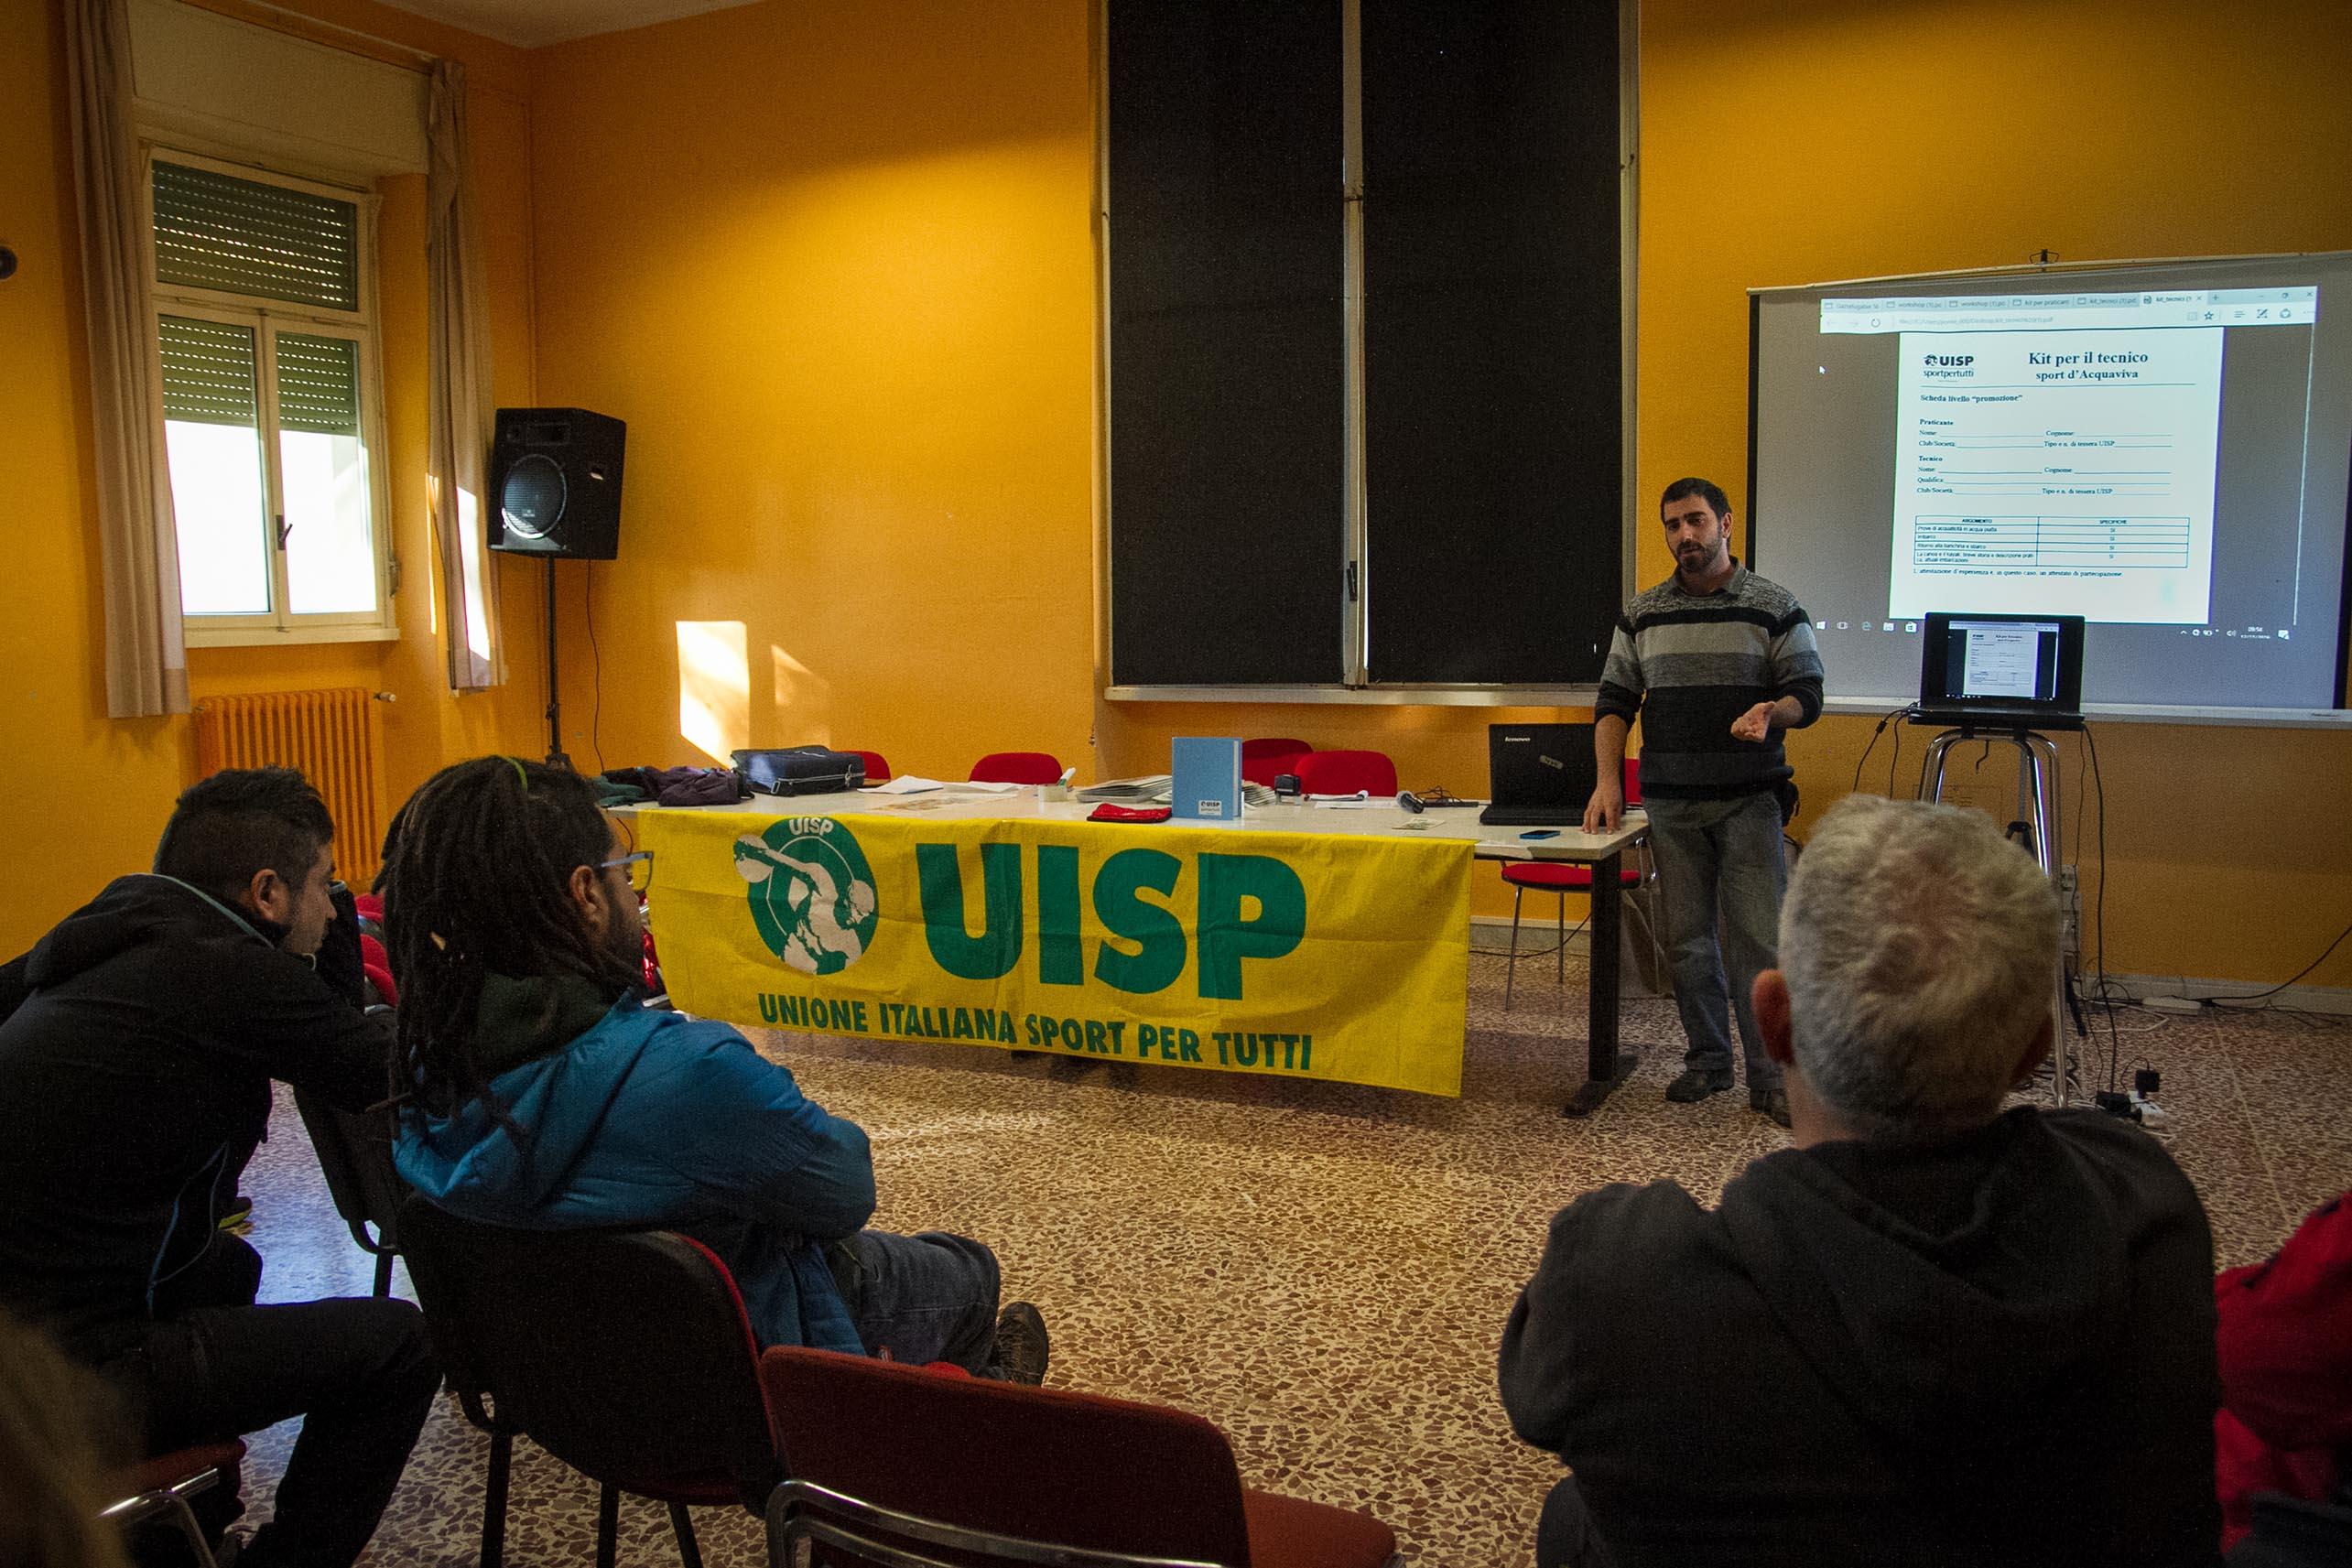 Teoria in aula - Centro nazionale per lo sviluppo sostenibile di Legambiente, Il Girasole